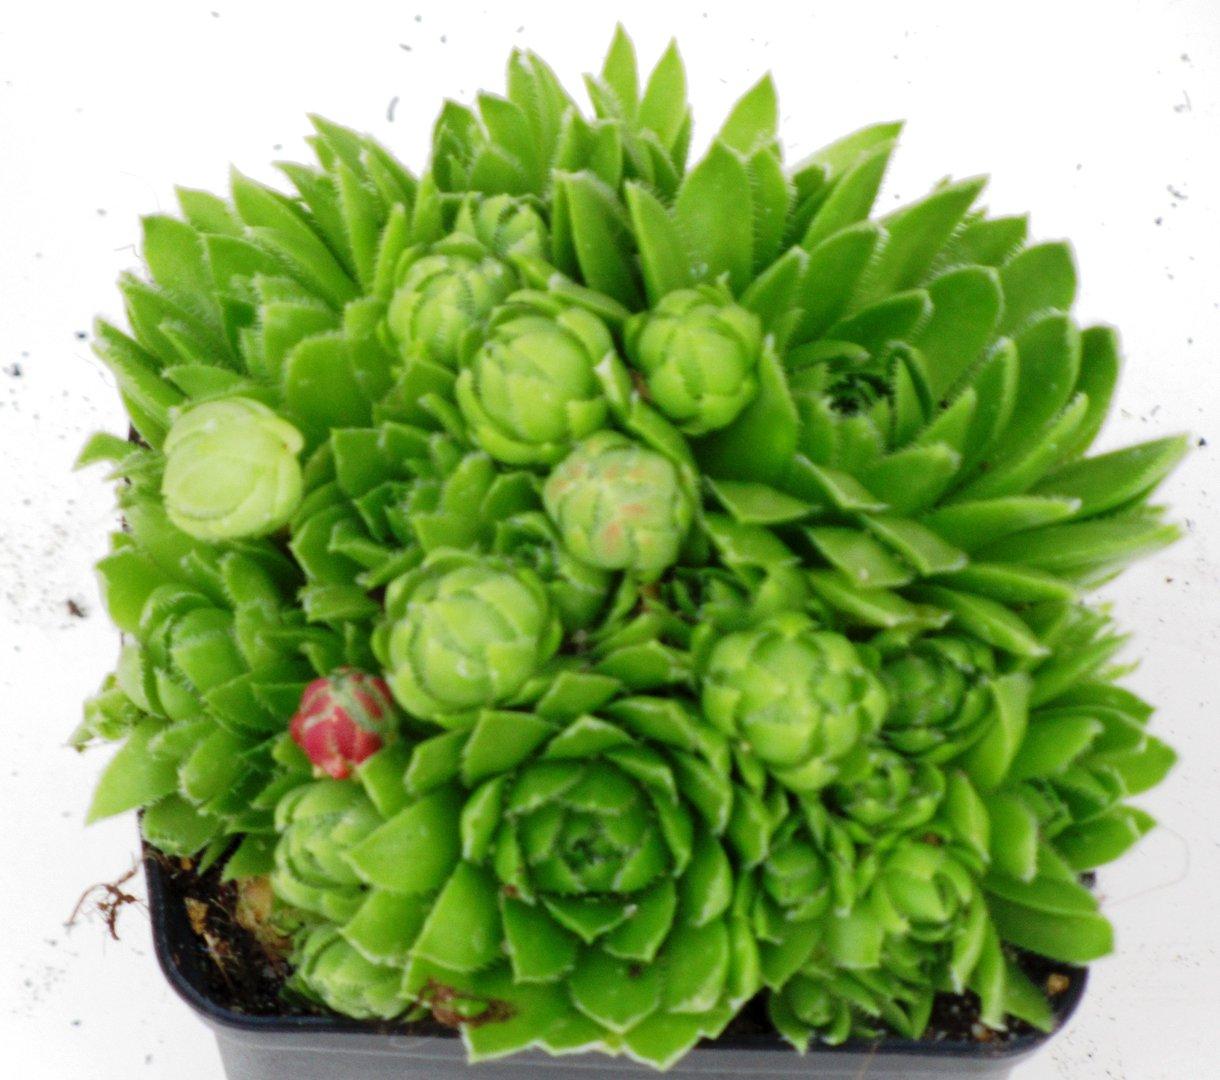 sempervivum soboliferum hauswurz kaufen pflanzen versand harro 39 s pflanzenwelt bestellen online. Black Bedroom Furniture Sets. Home Design Ideas